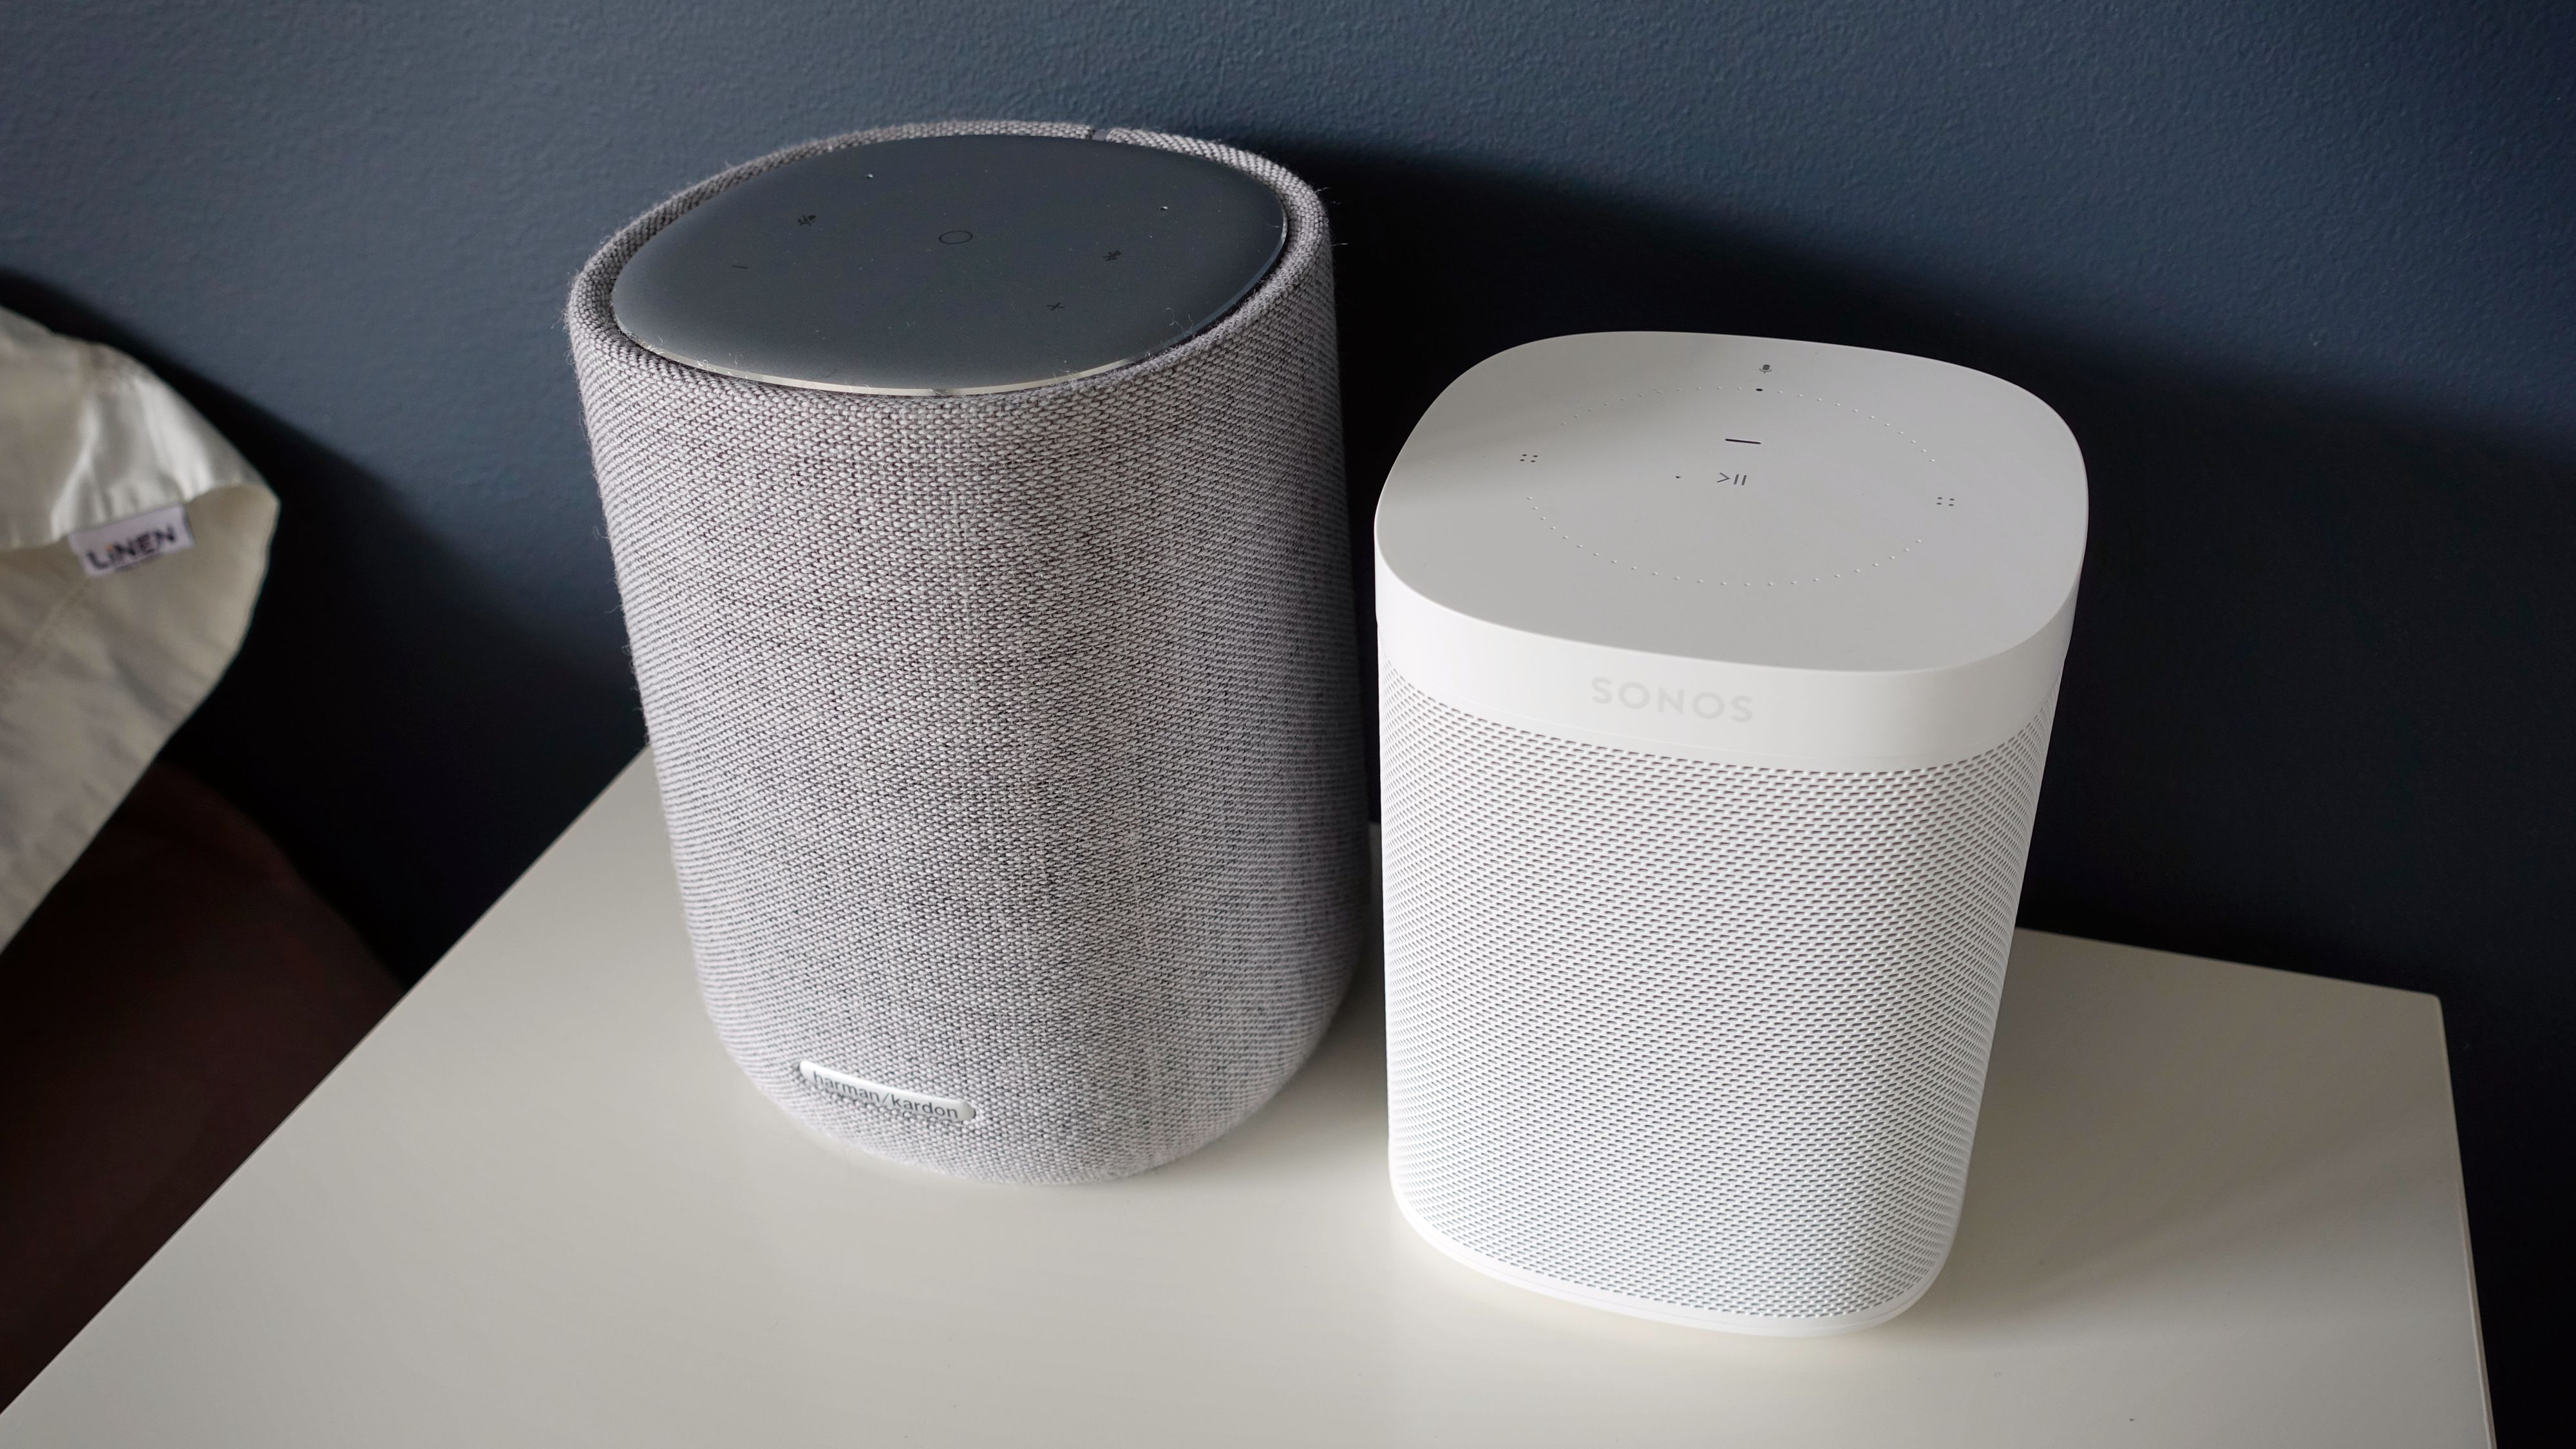 Citation One (venstre) er noe større enn Sonos One.